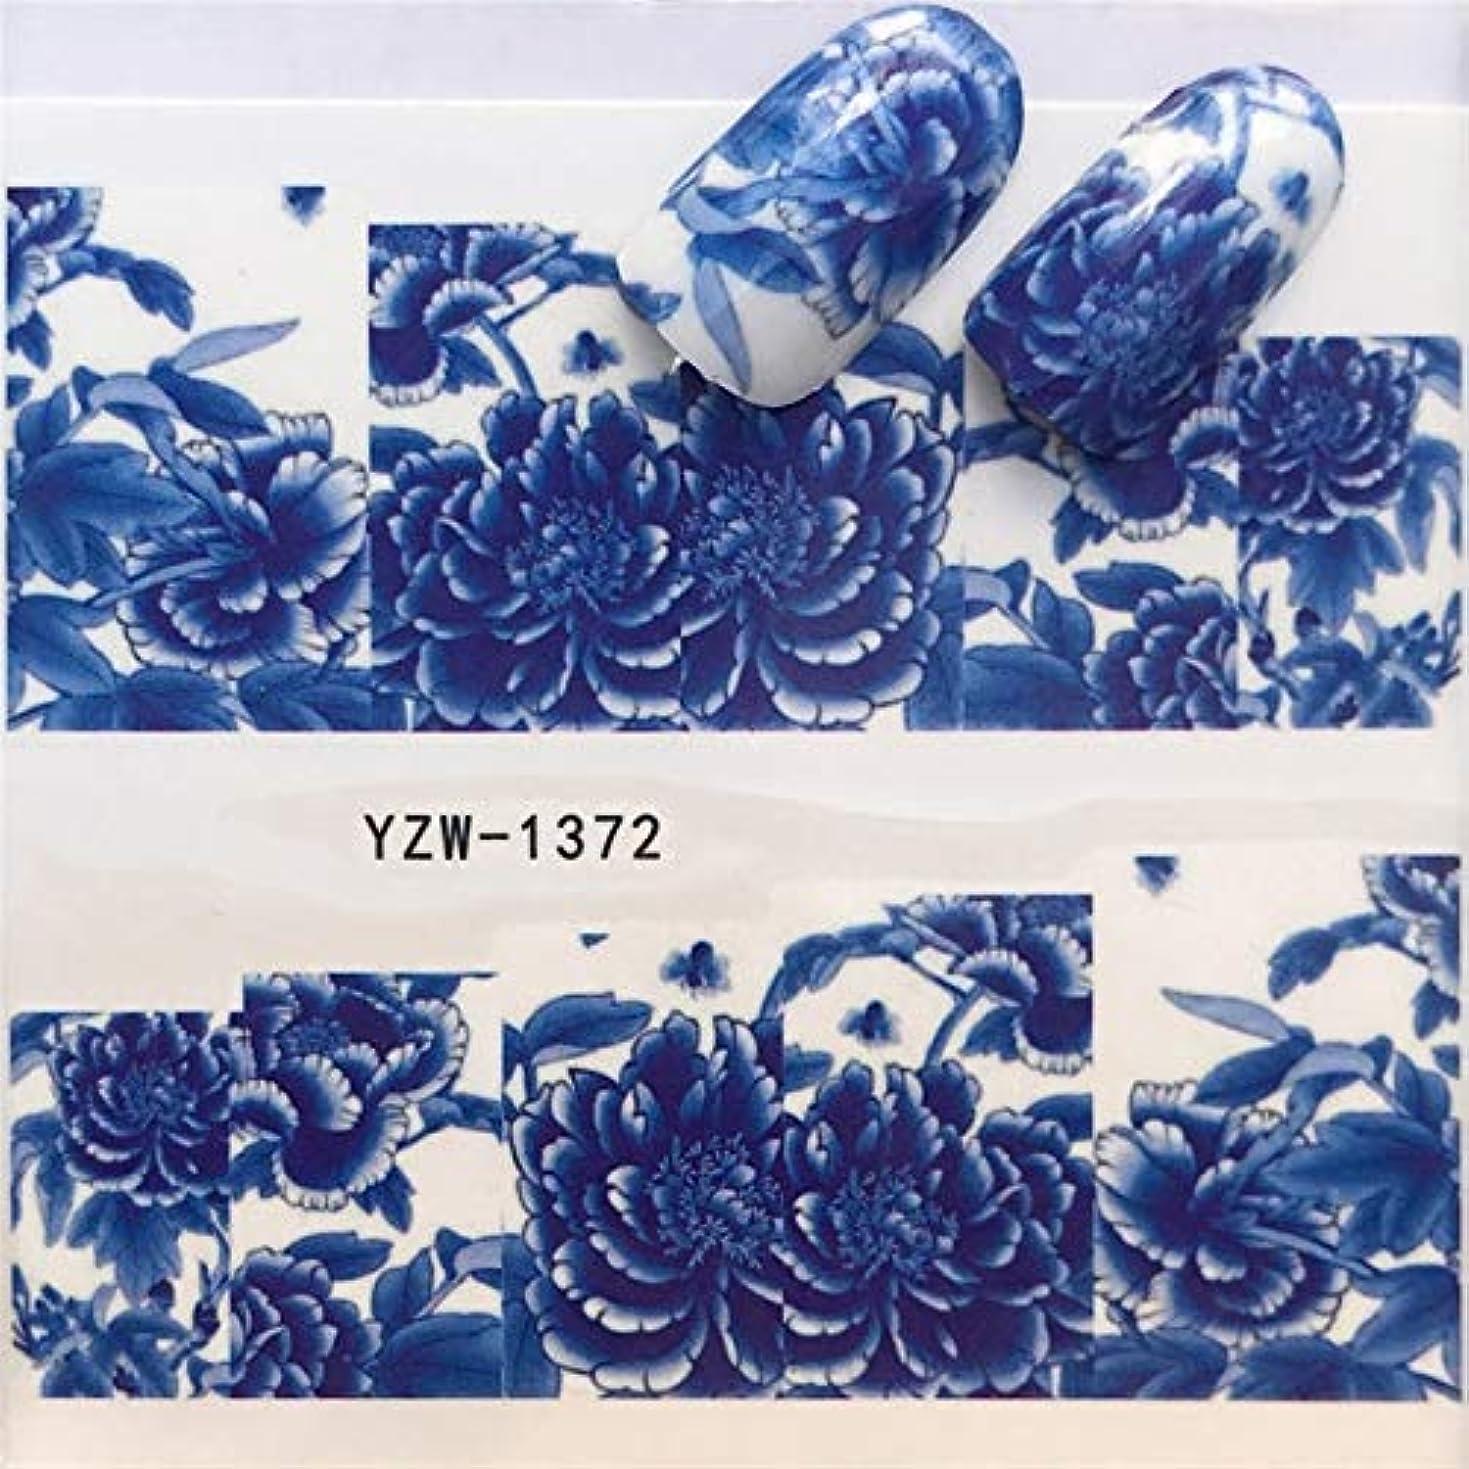 ミトンフルート不合格手足ビューティーケア 3個ネイルステッカーセットデカール水転写スライダーネイルアートデコレーション、色:YZW 1372